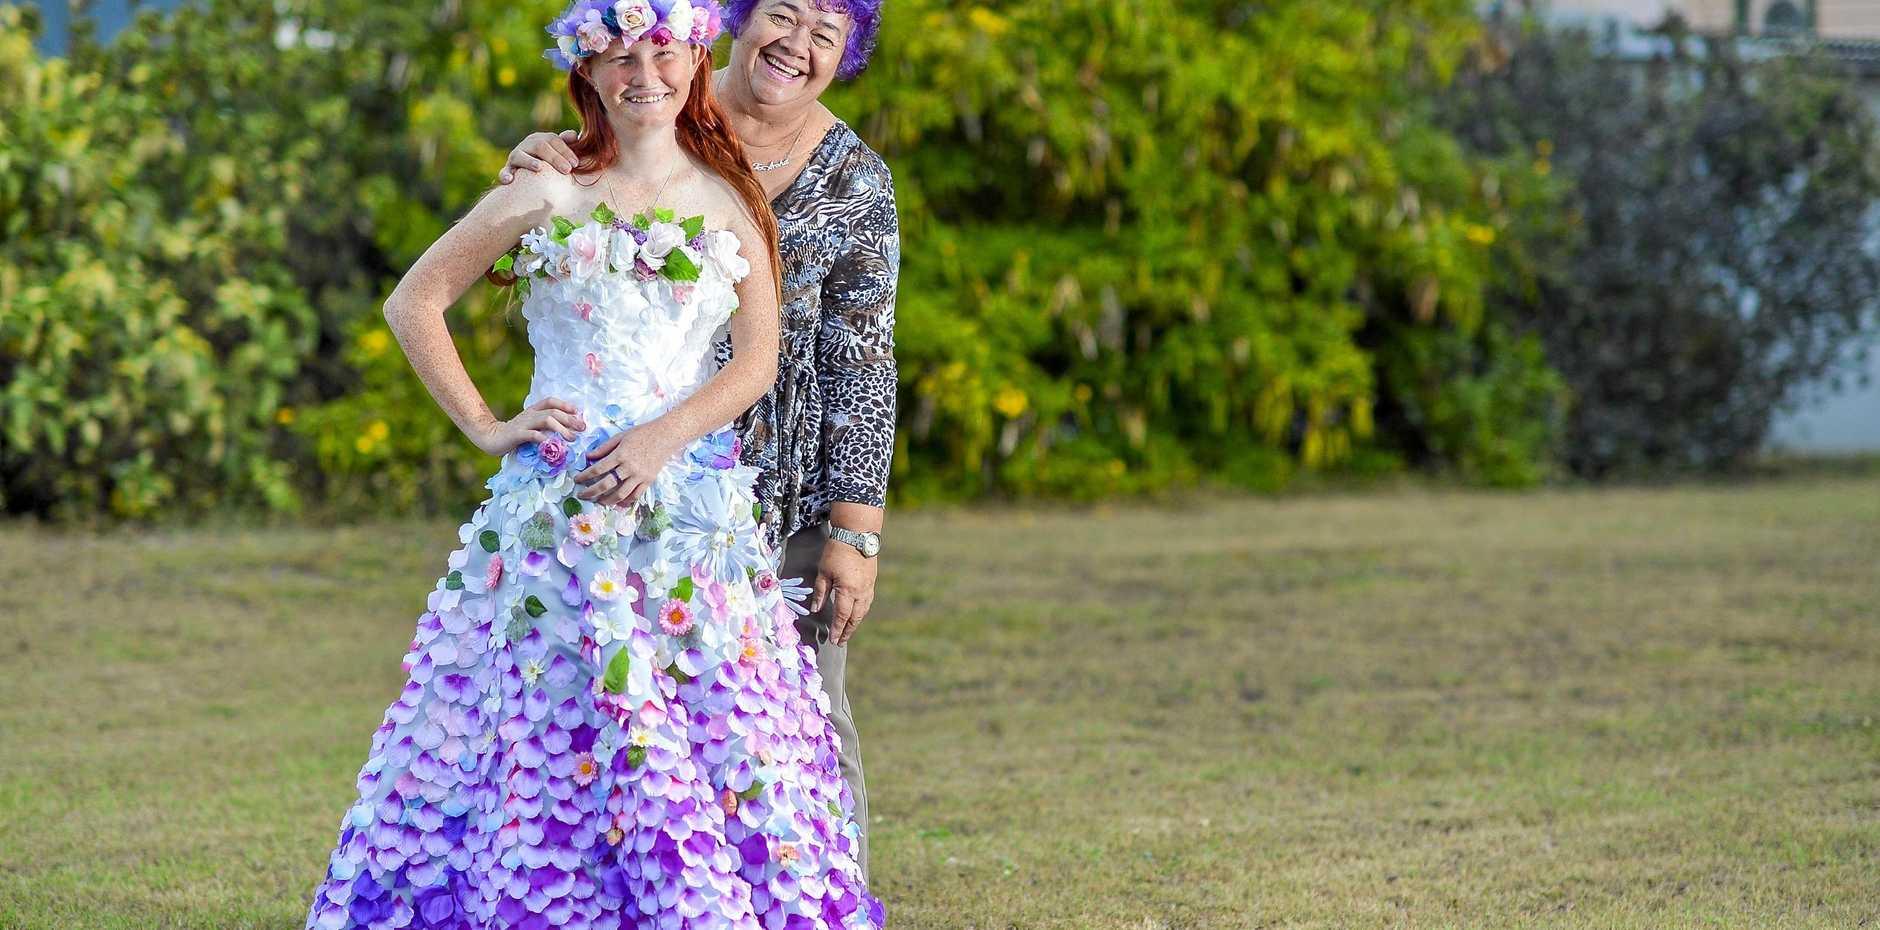 WOW FACTOR: Pheobie Walker-Woodrow models wearable art dresses made by Marcia Rickman.